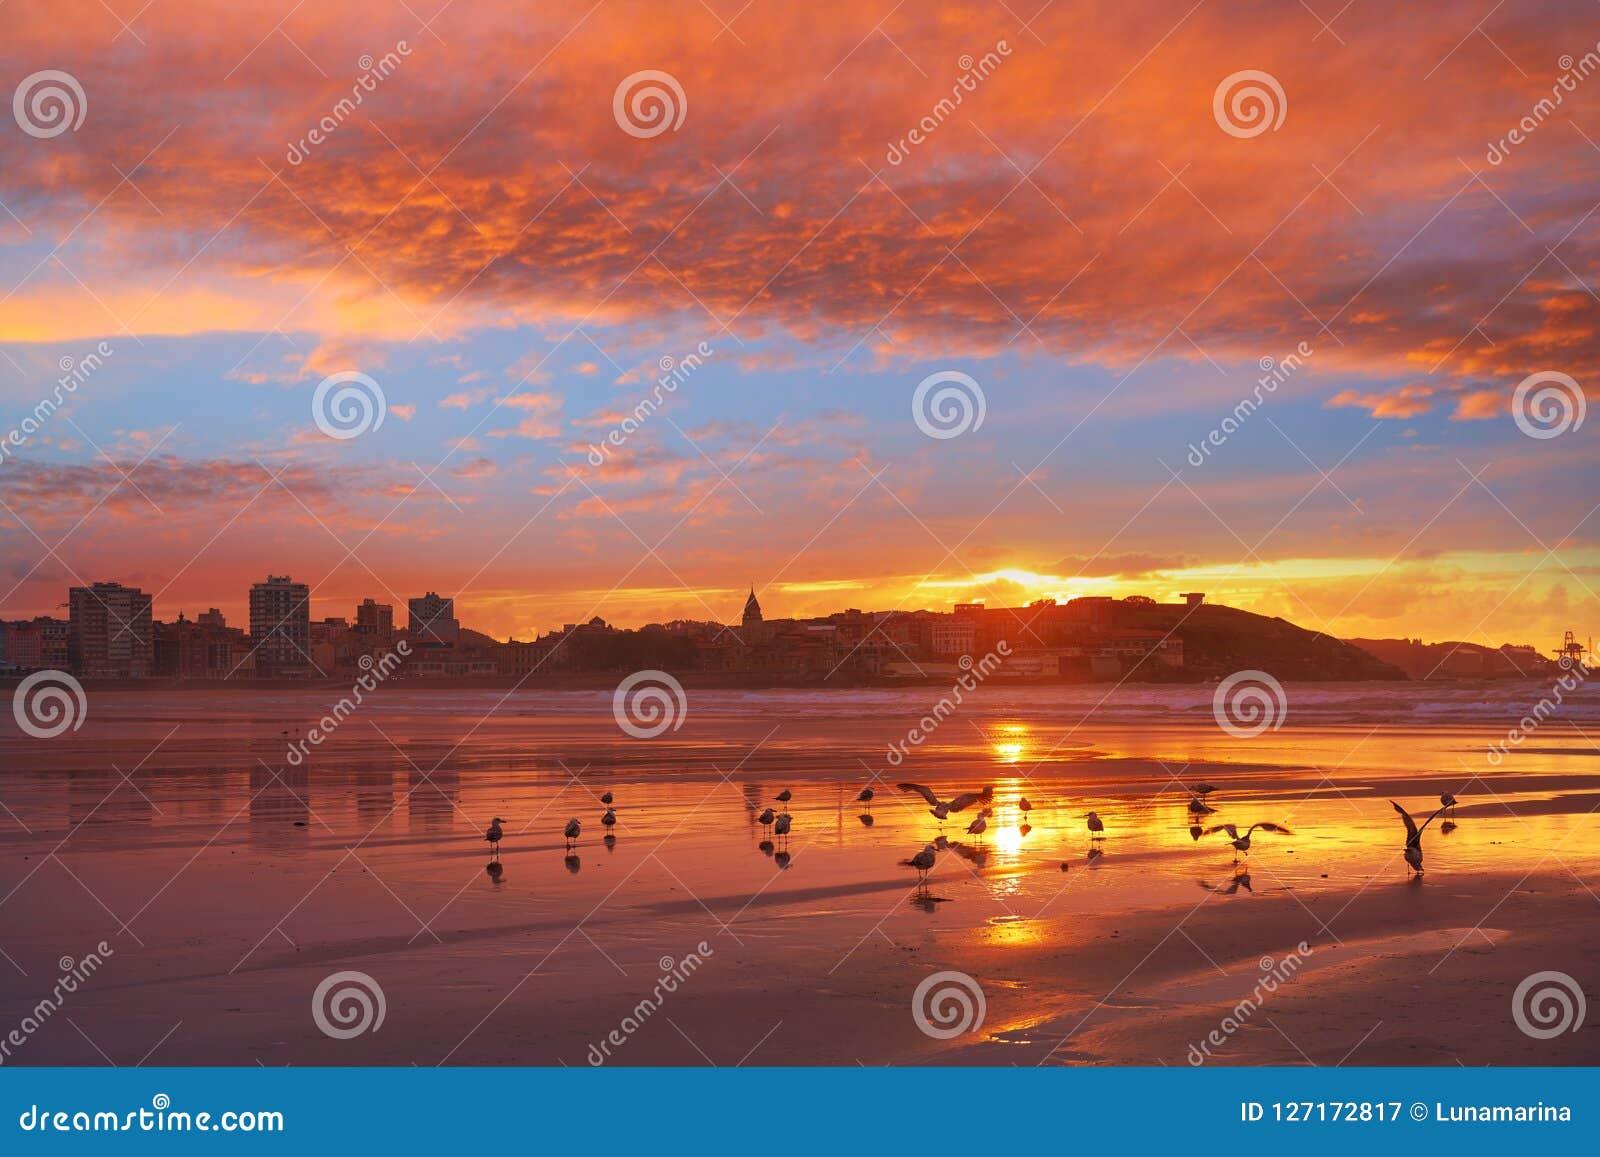 Gijon skyline sunset in San Lorenzo beach Asturias